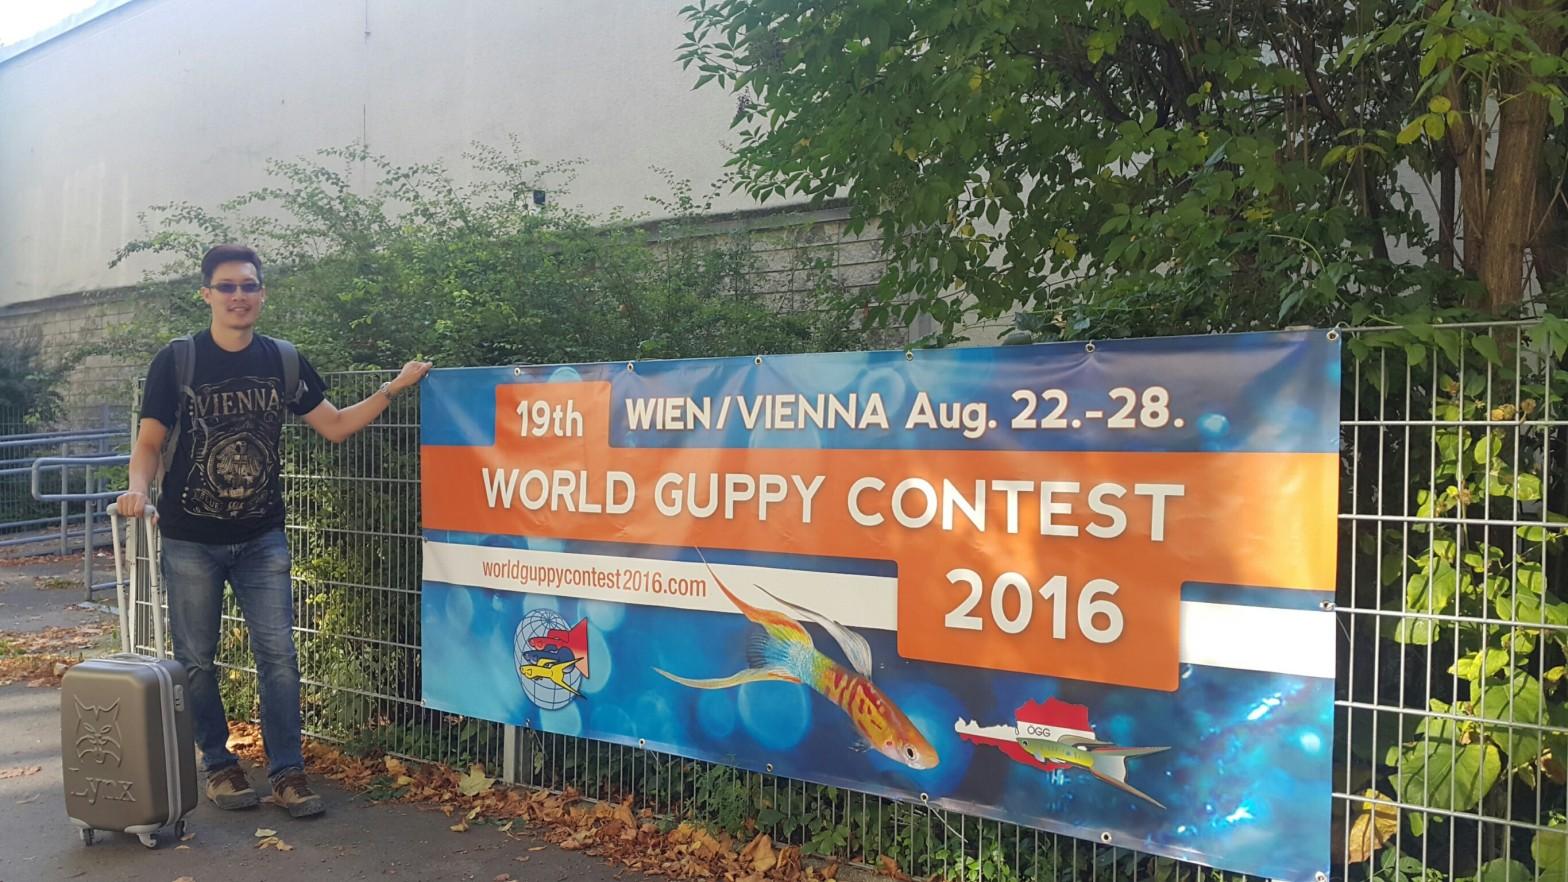 2016 Vienna World Guppy Contest, Gary Lee